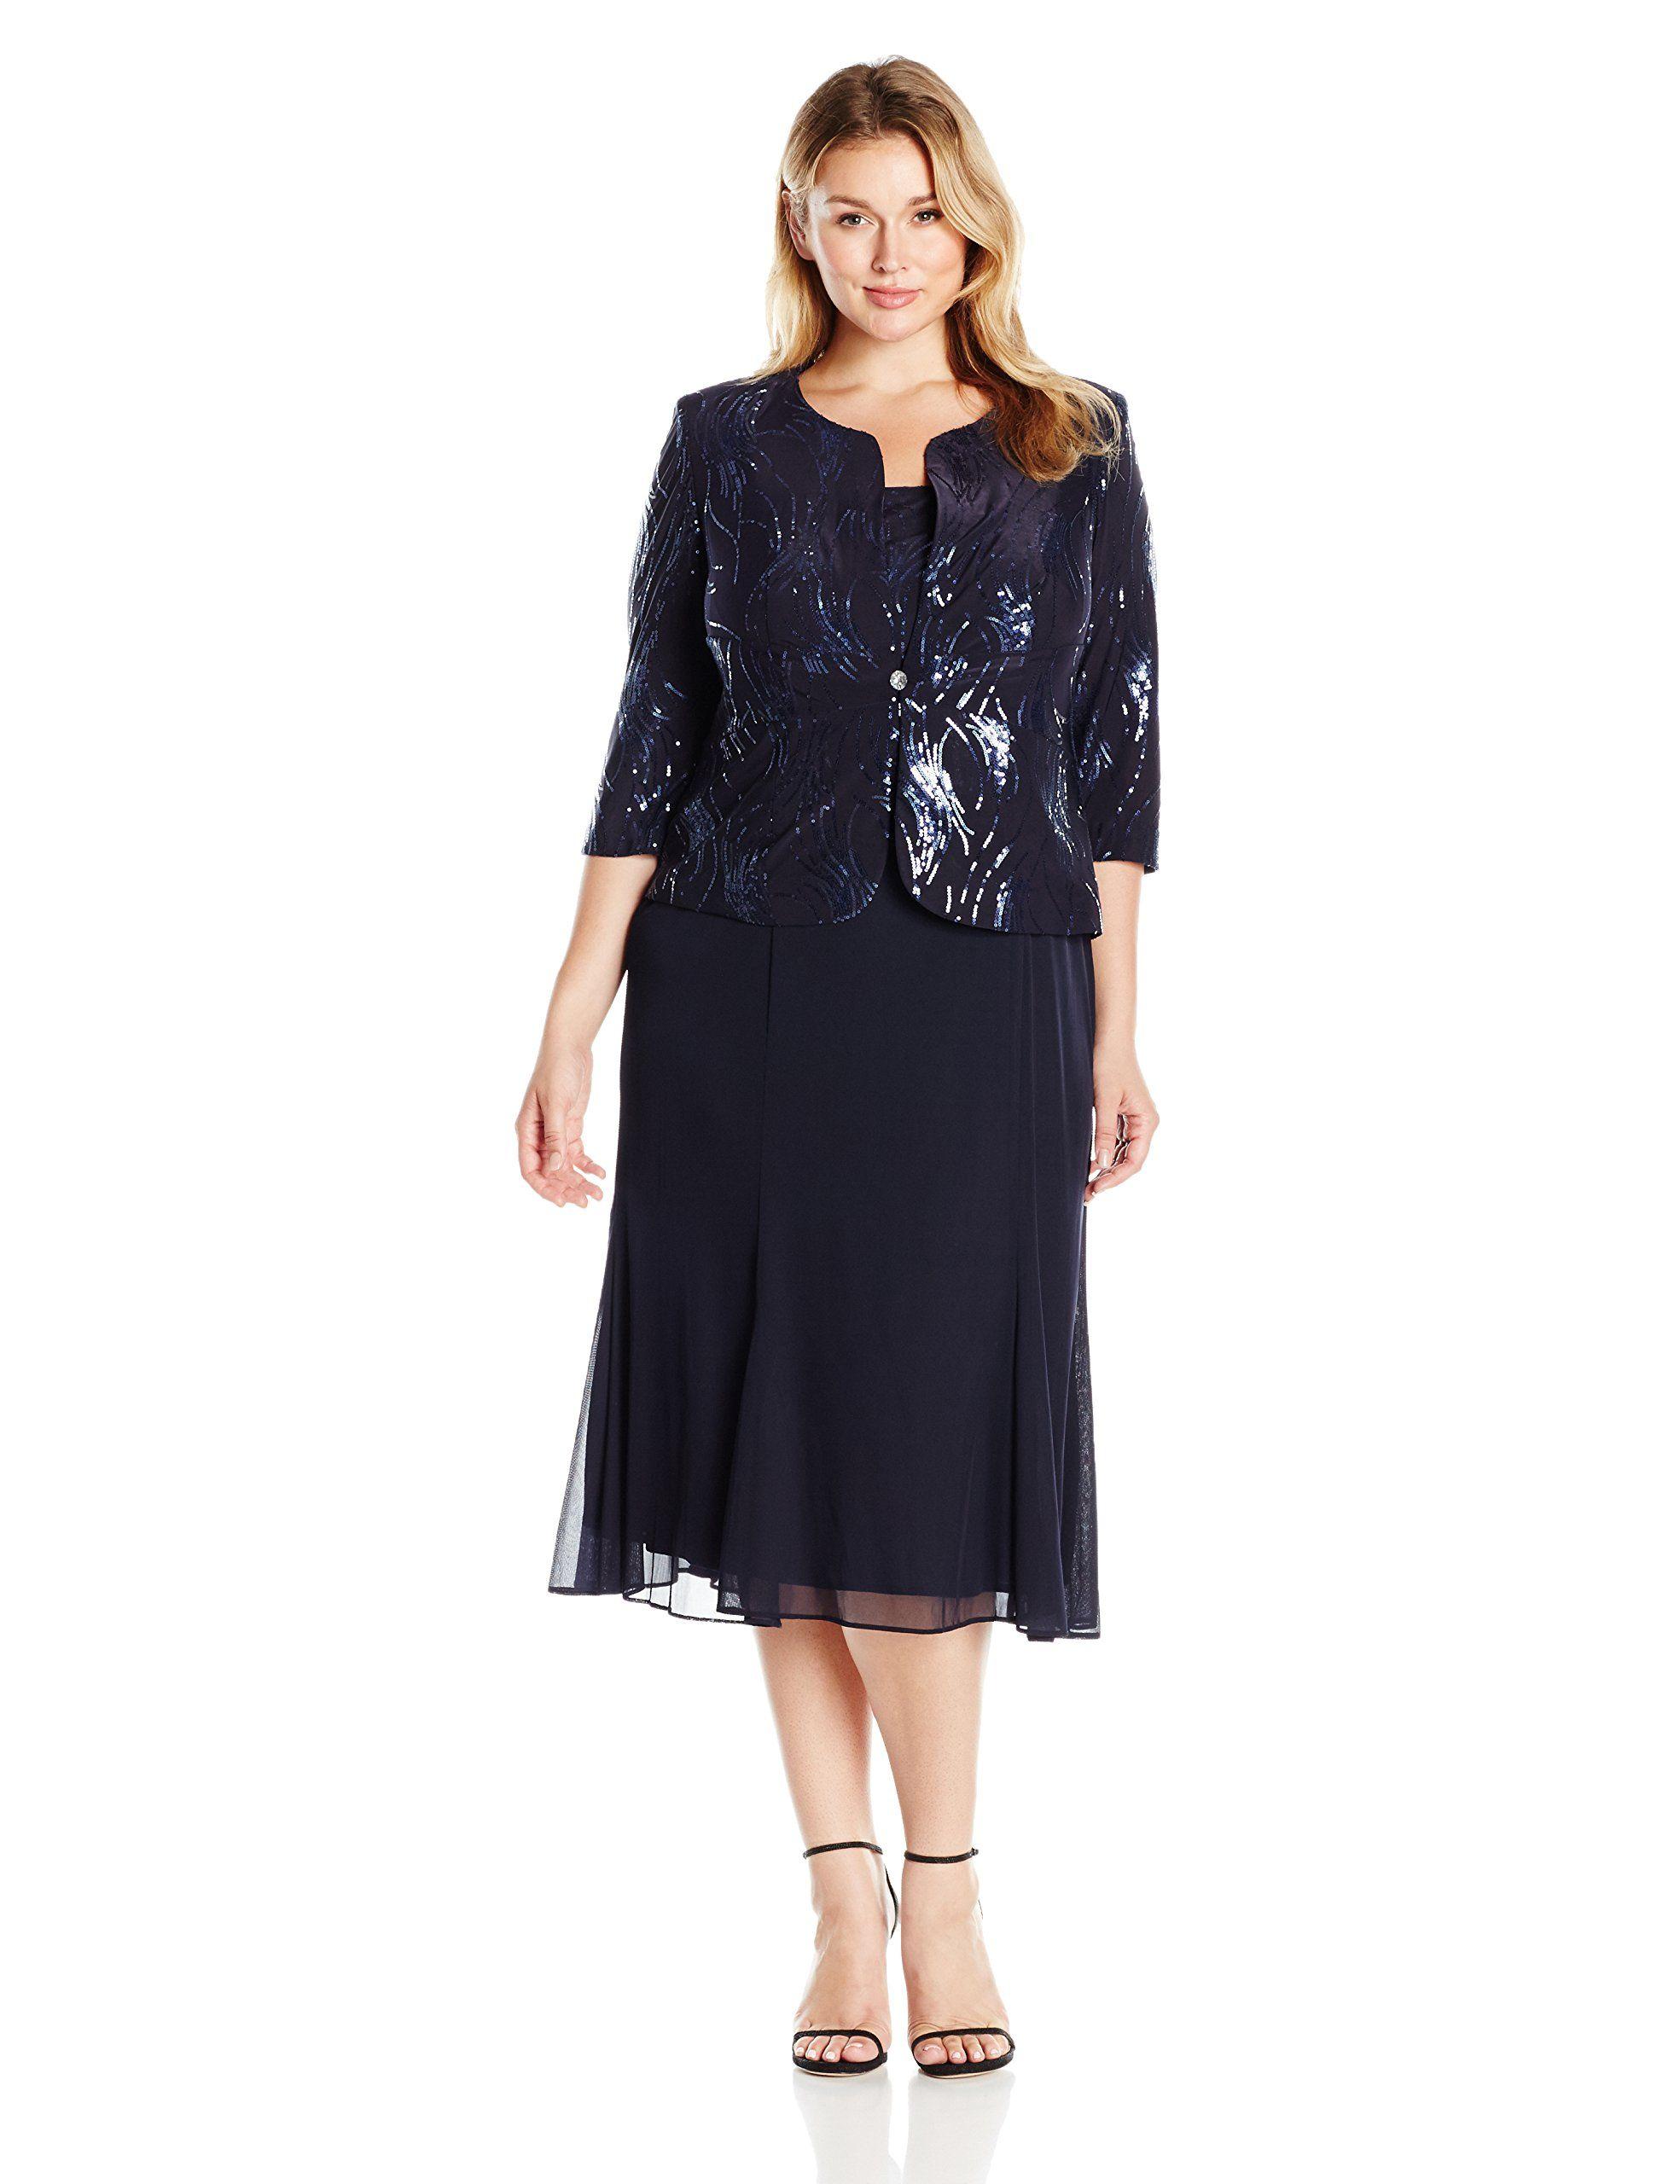 alex plus size evening wear - Siteze